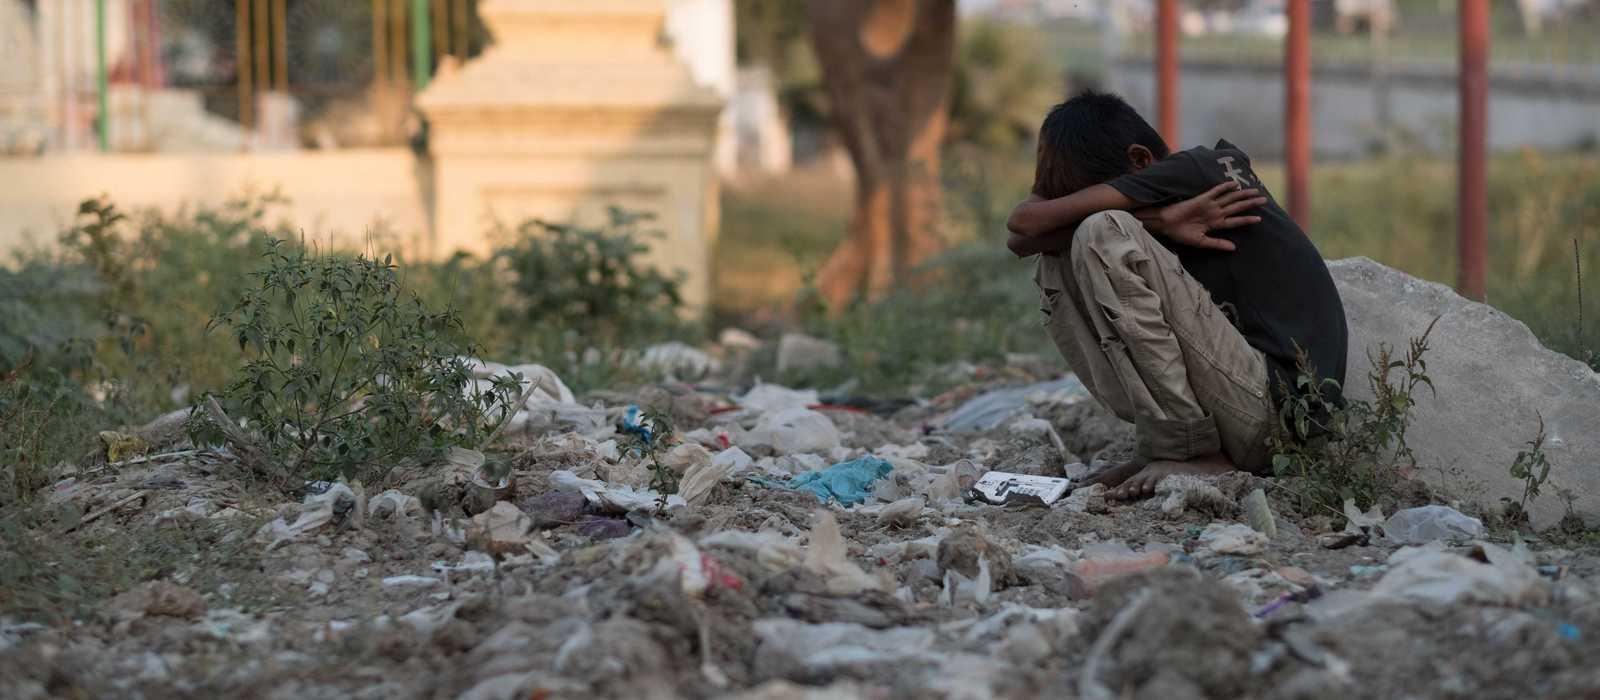 Straßenkind auf einer Müllhalde in Myanmar